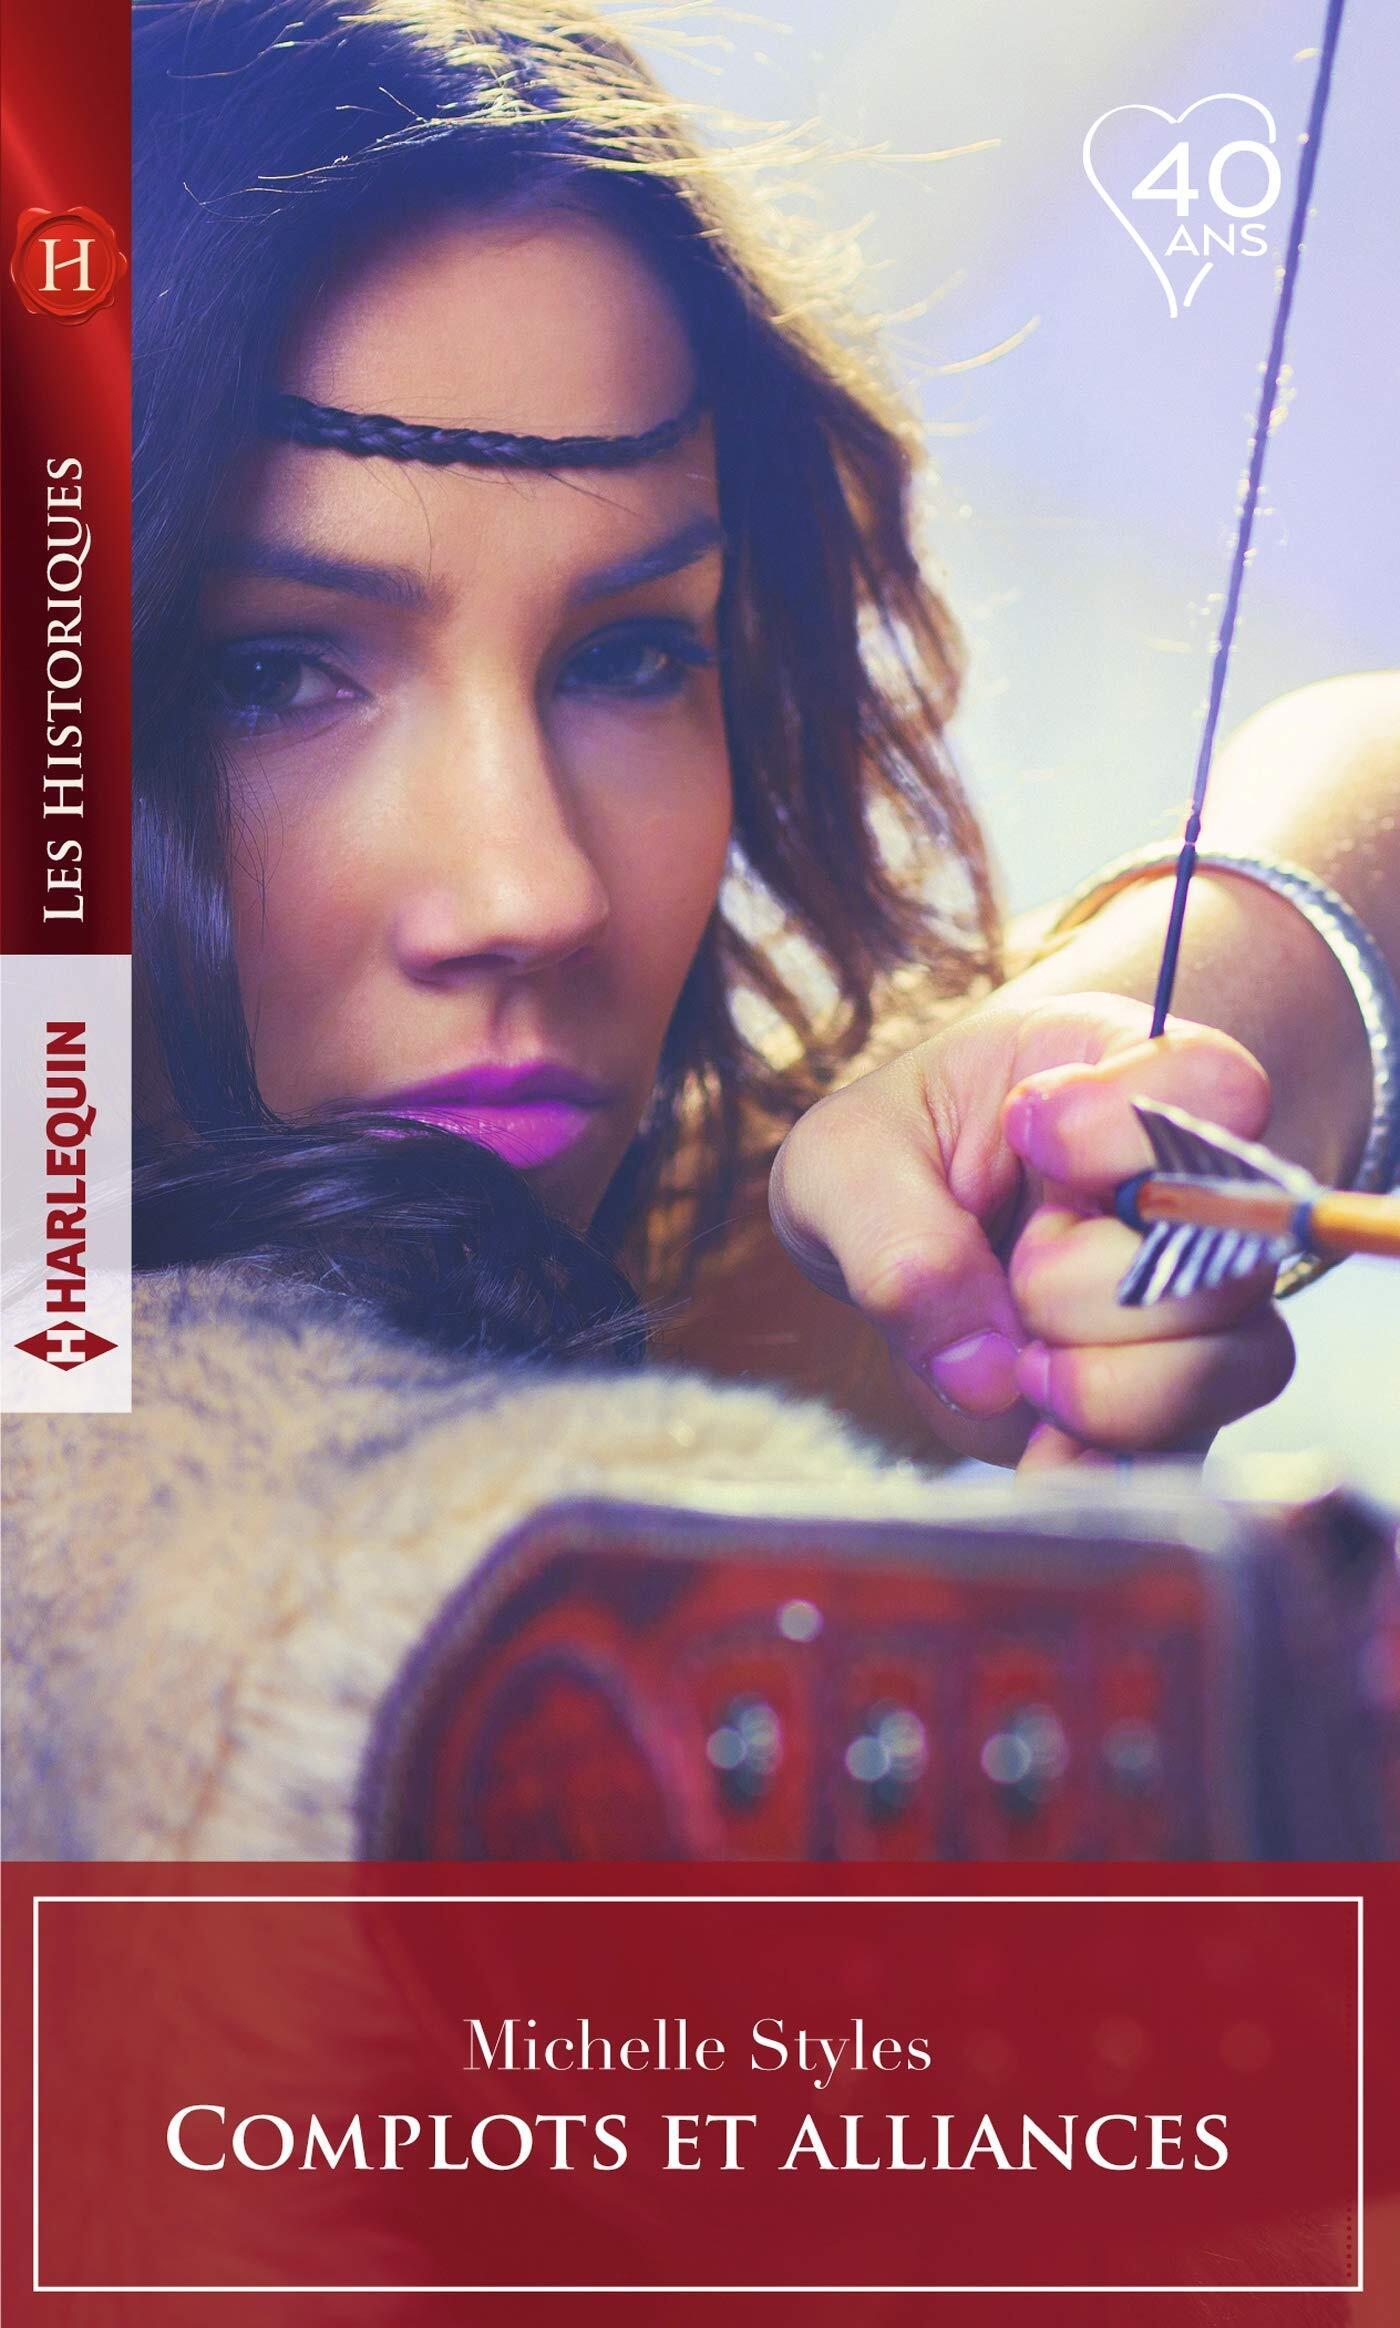 cdn1.booknode.com/book_cover/1133/full/complots-et-alliances-1132503.jpg